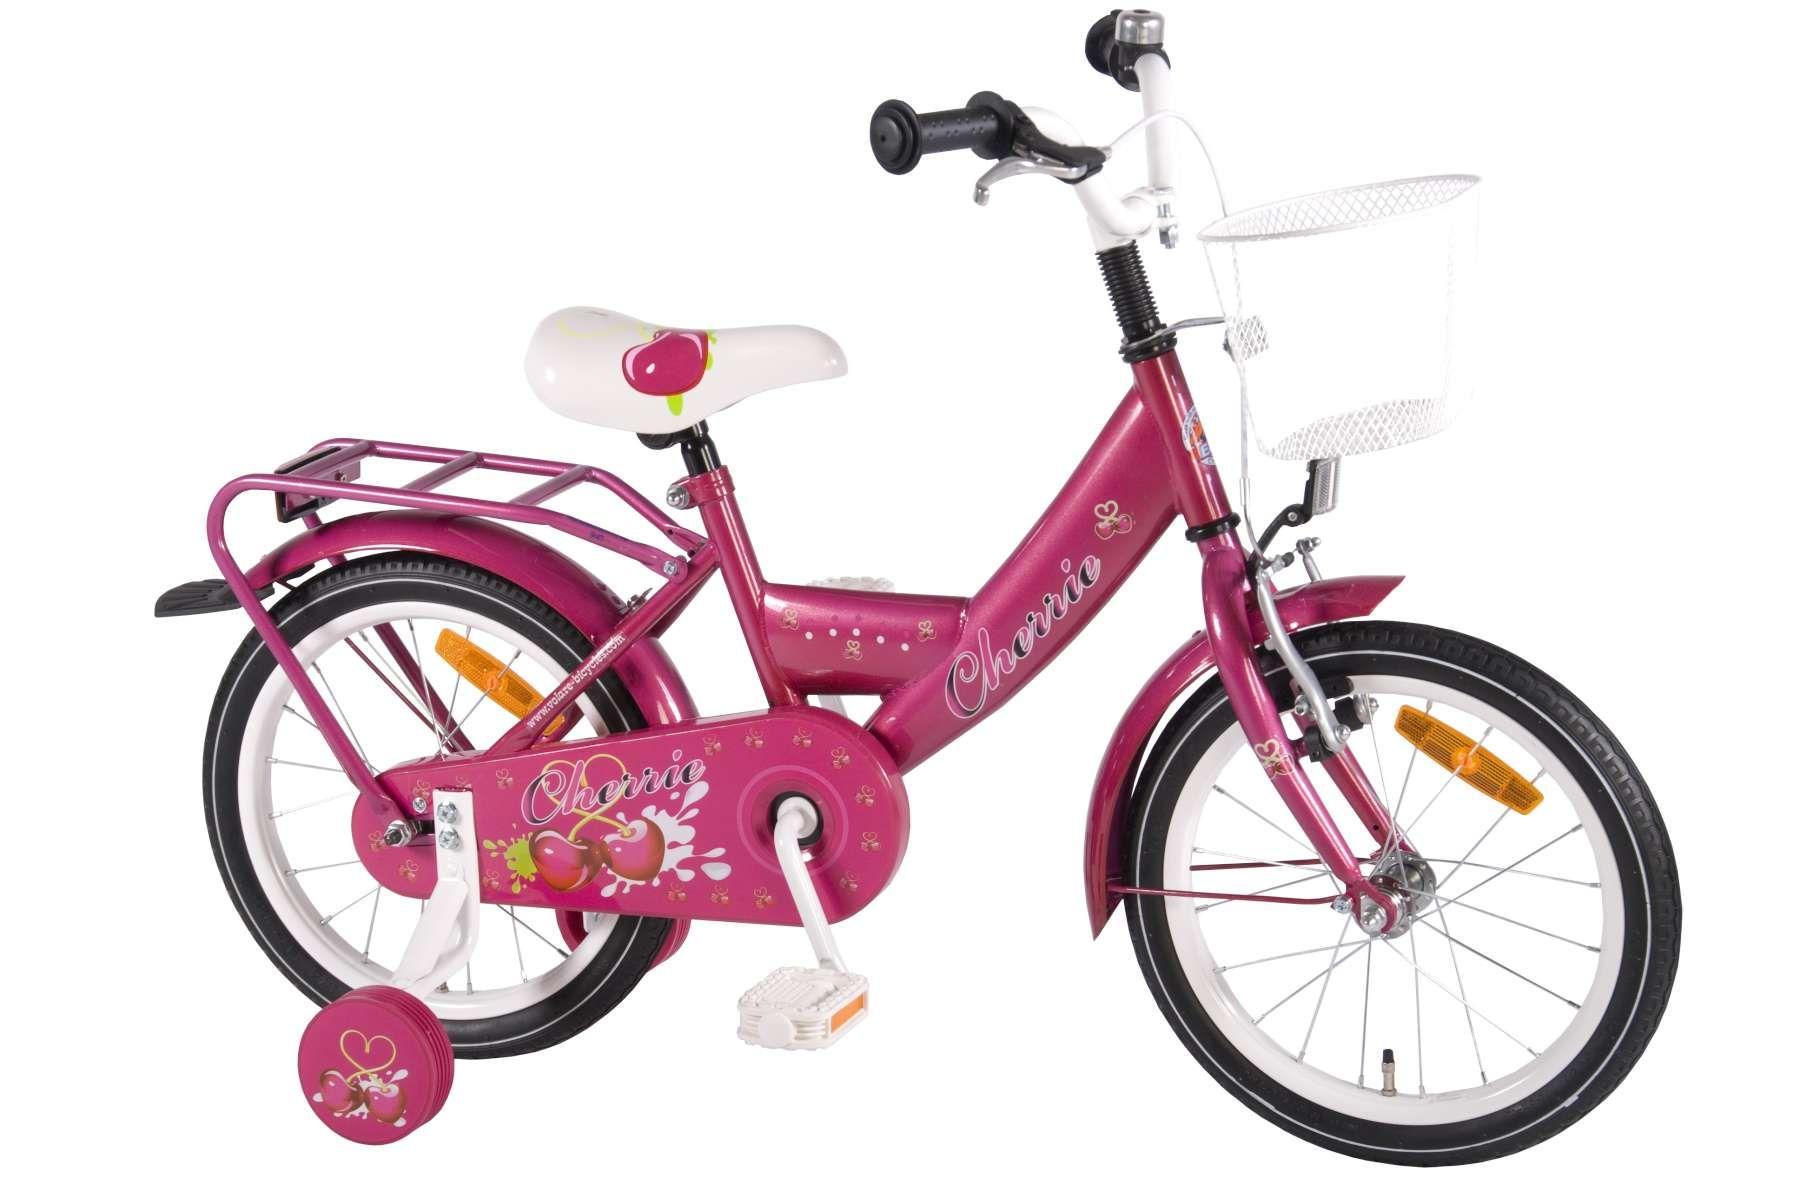 De Volare Cherry heeft een lekker lage instap, metallic roze lak met fris kersendekor. Een echte meisjesfiets, een absolute aanrader. Natuurlijk top kwaliteit voor een betaalbare prijs.